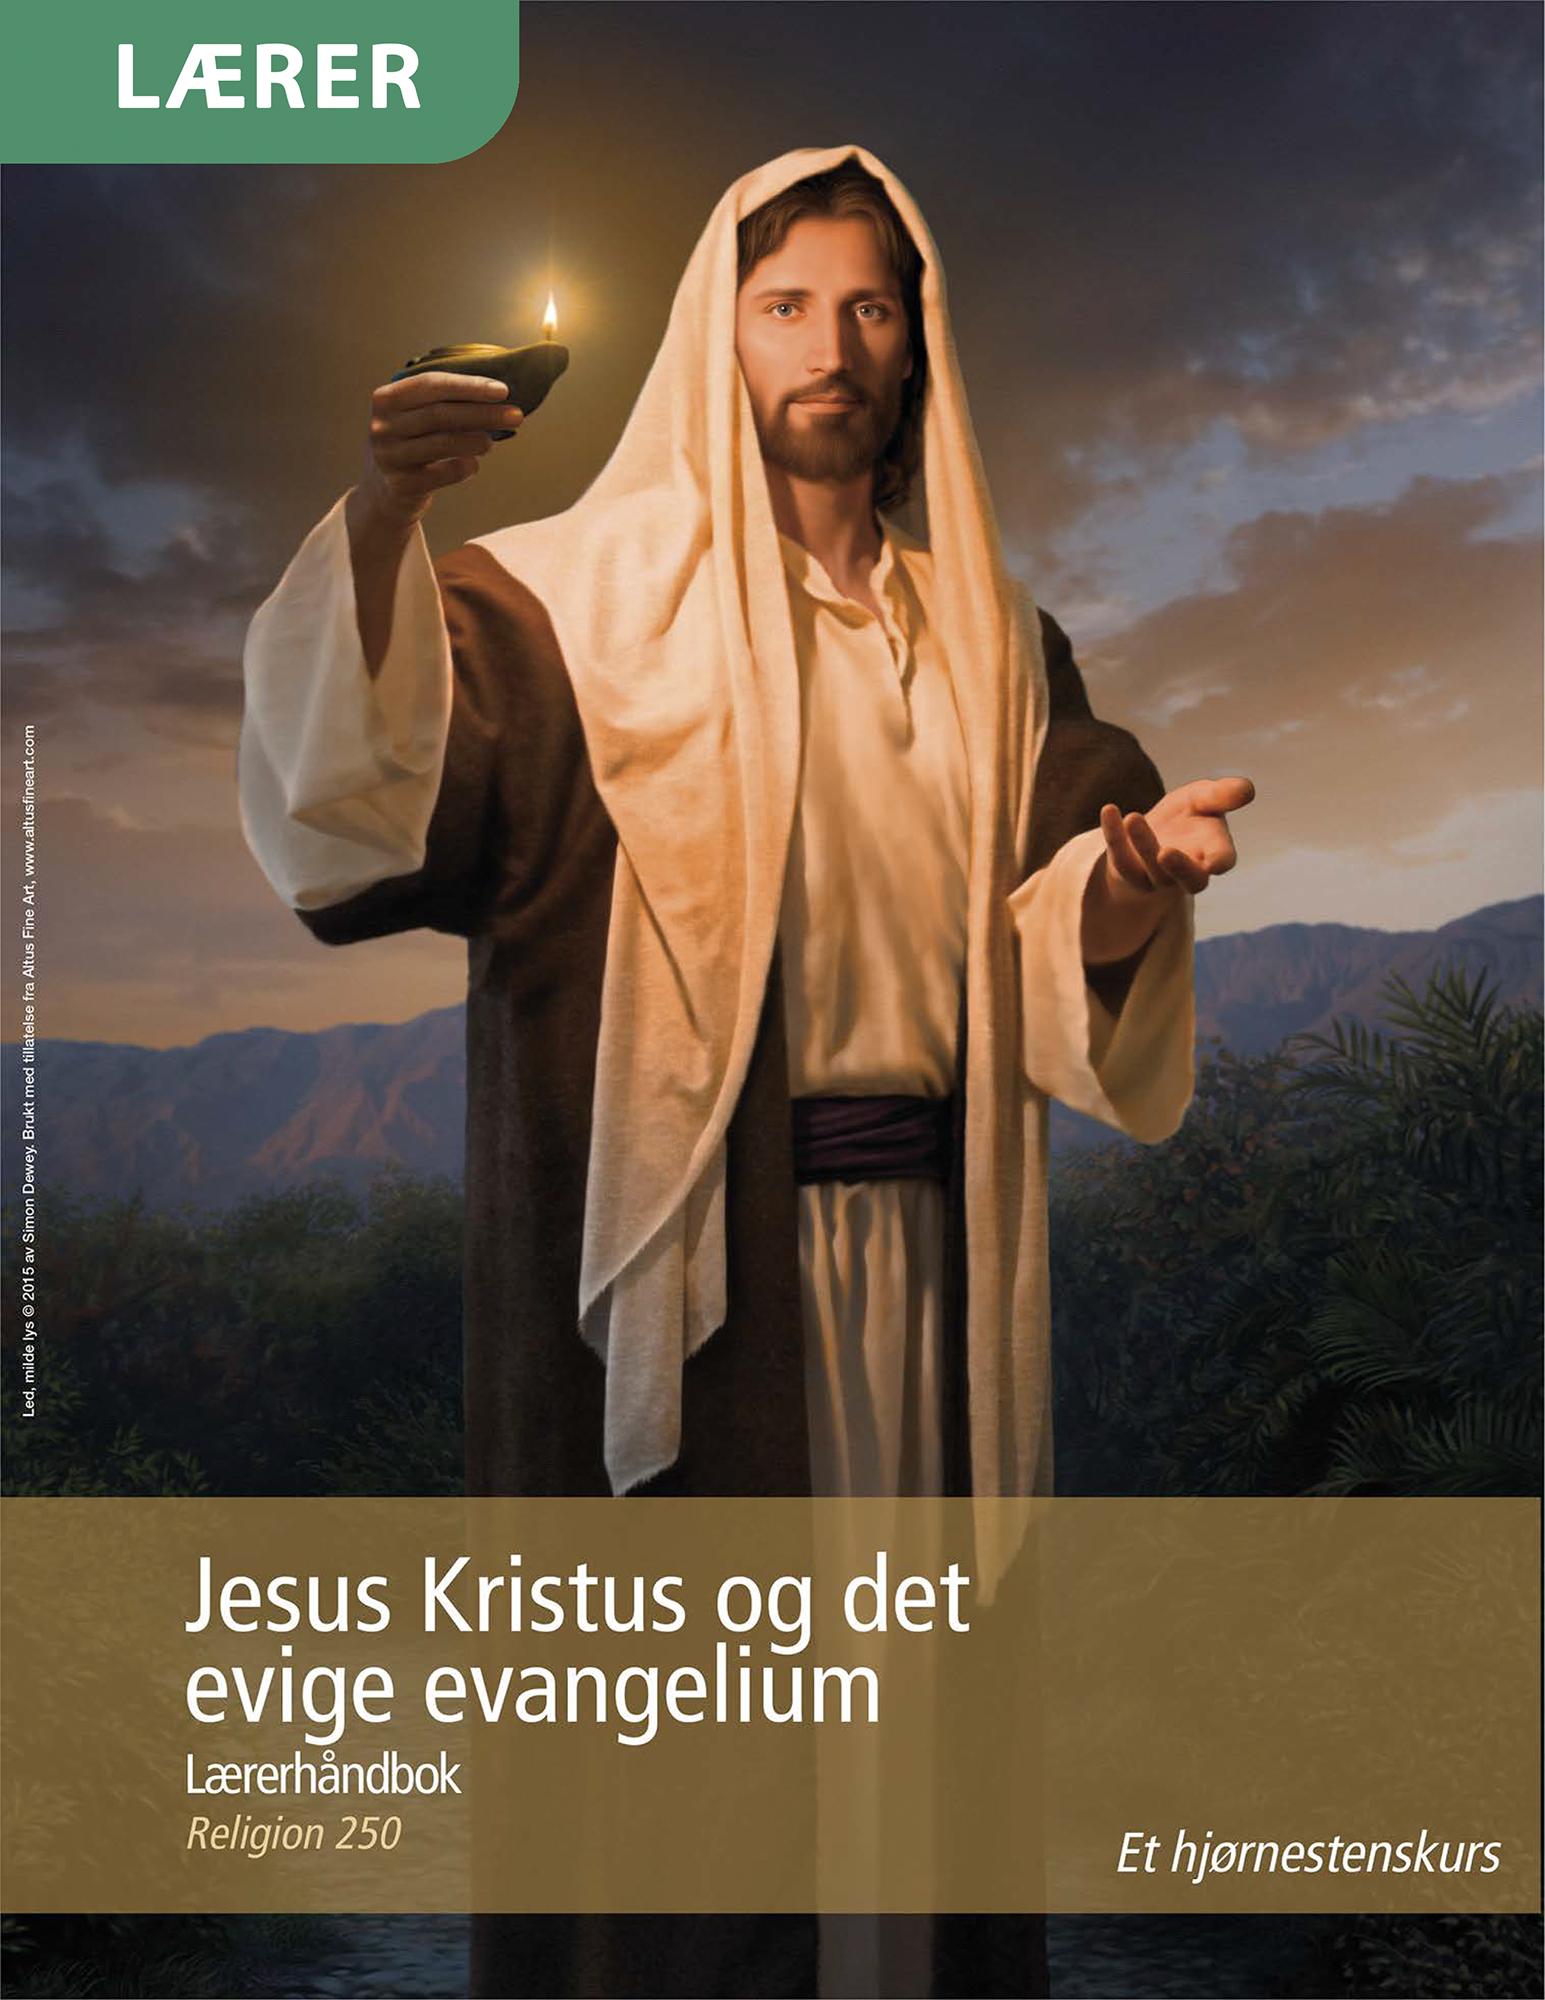 Jesus Kristus og det evige evangelium – Lærerhåndbok (Religion 250)